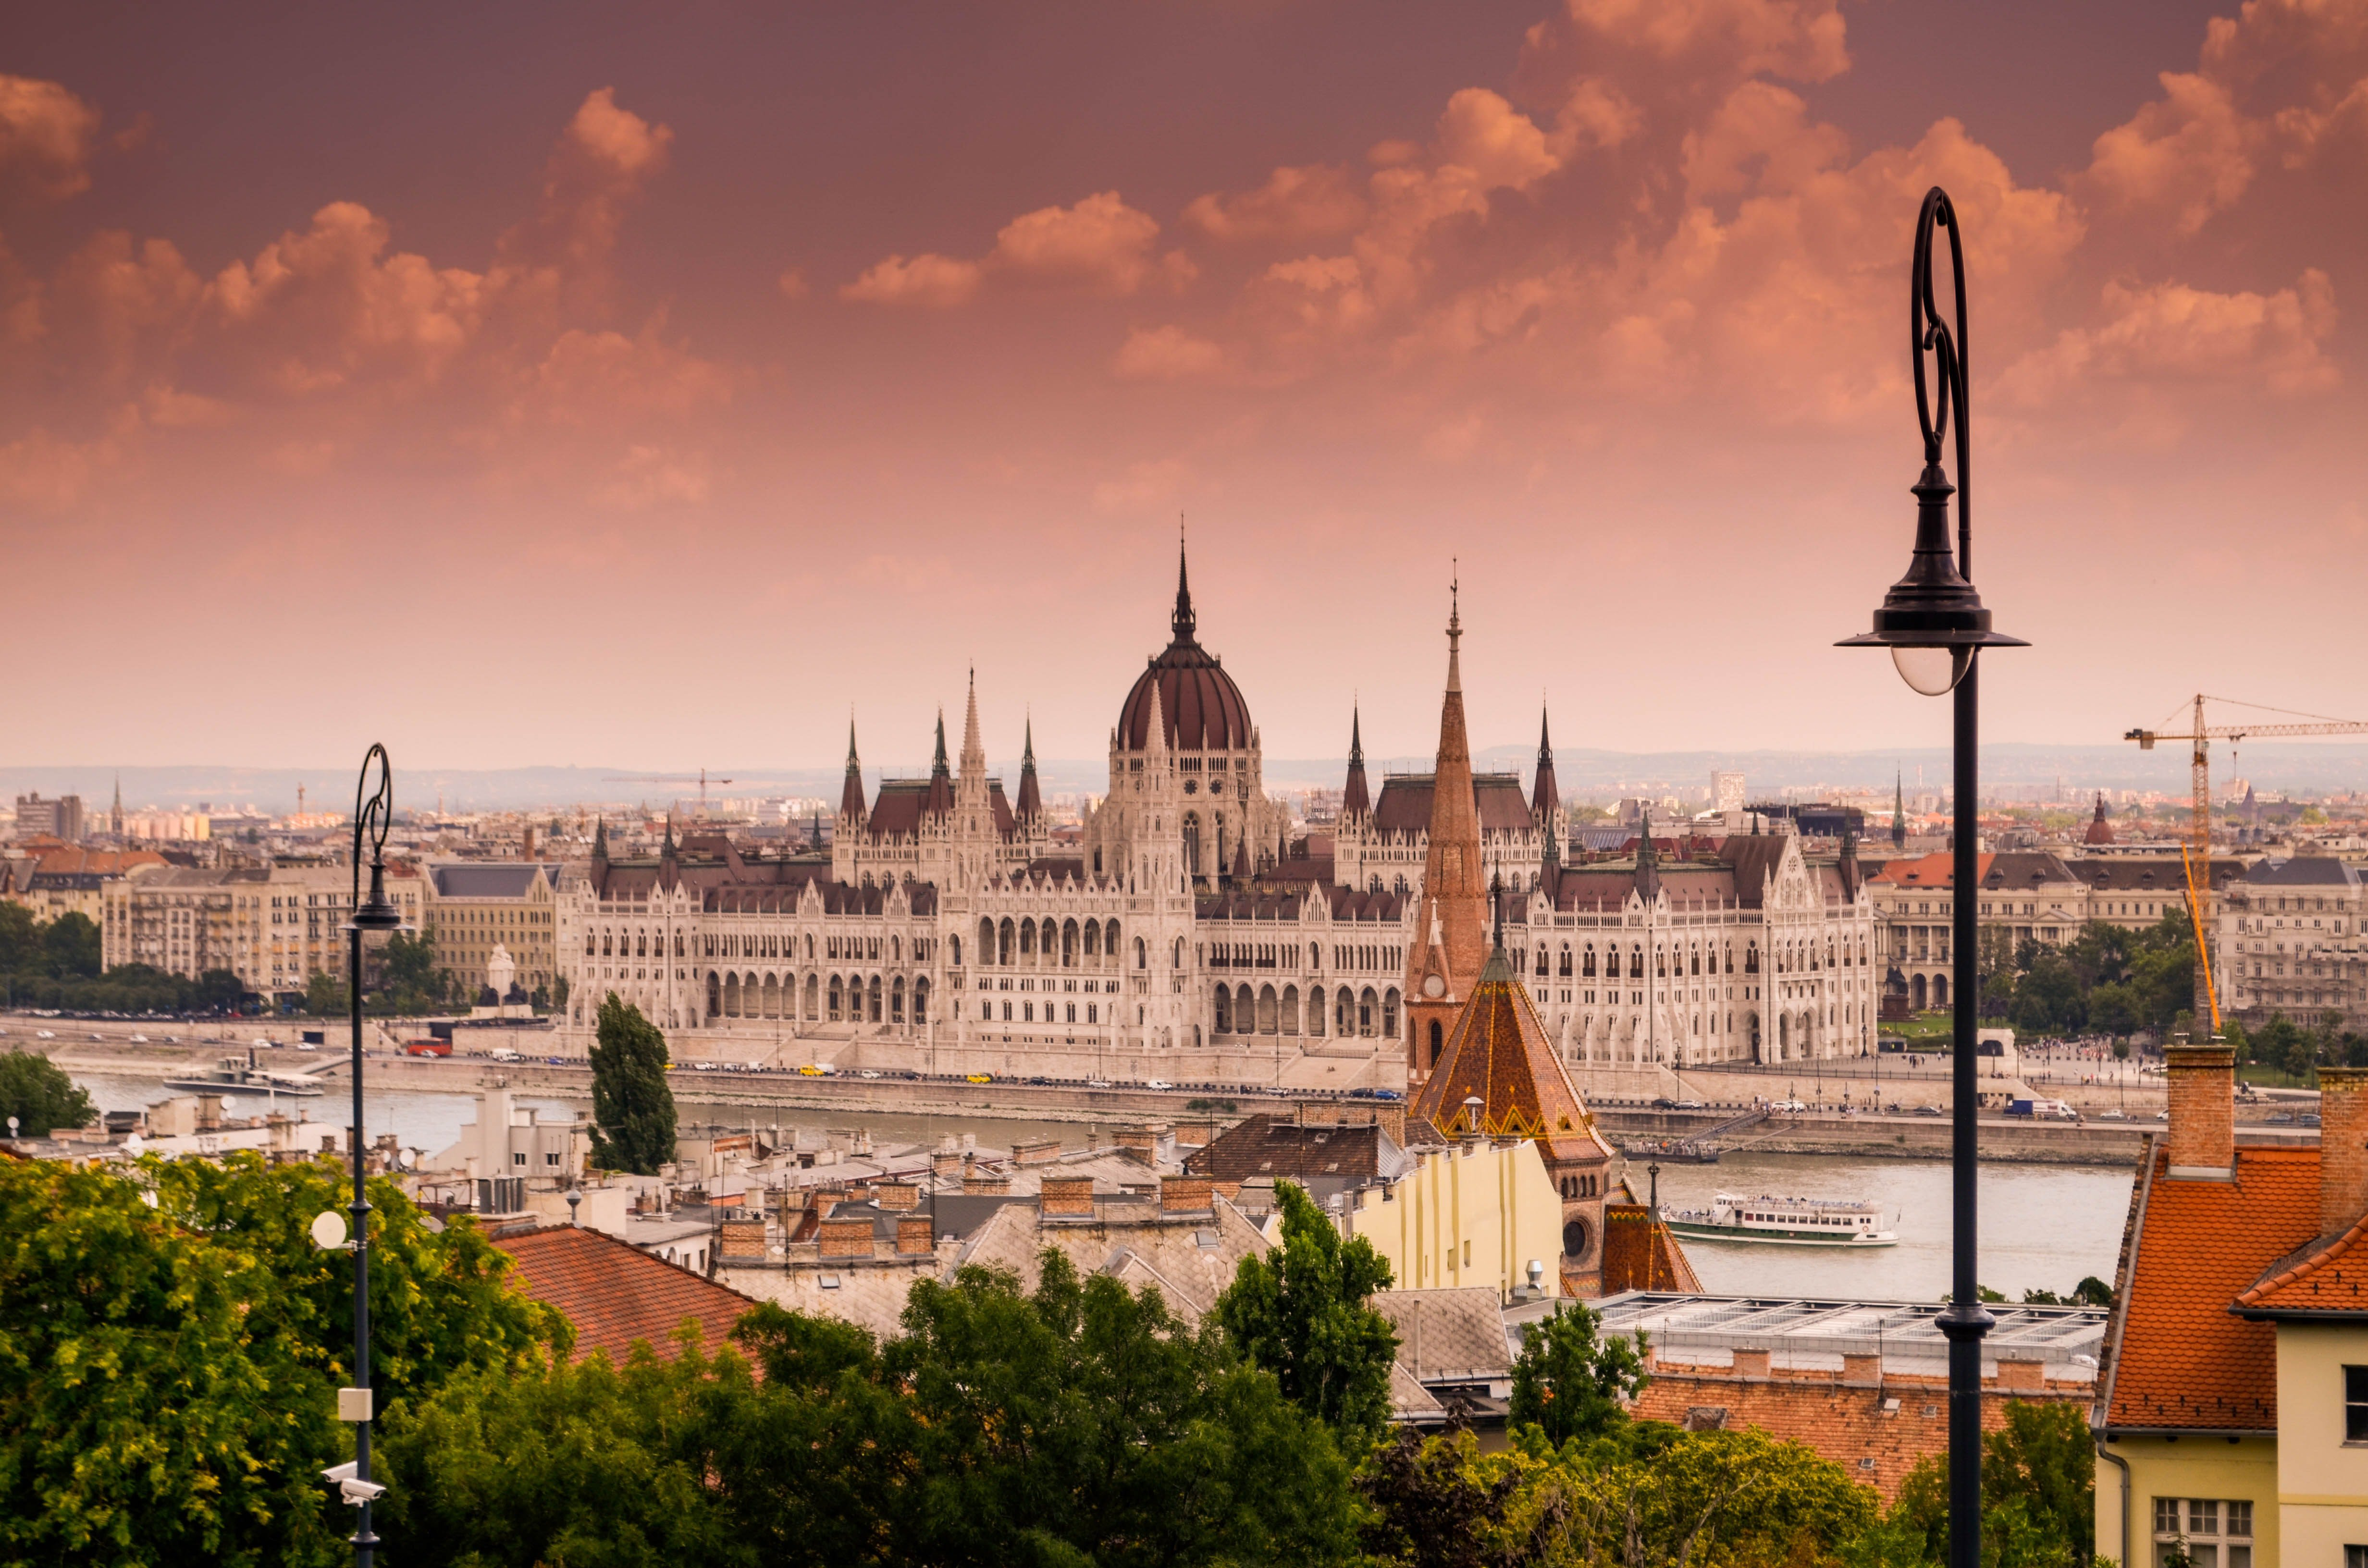 Budapest_kate-kasiutich-qnUg1rdnUlk-unsplash.jpg